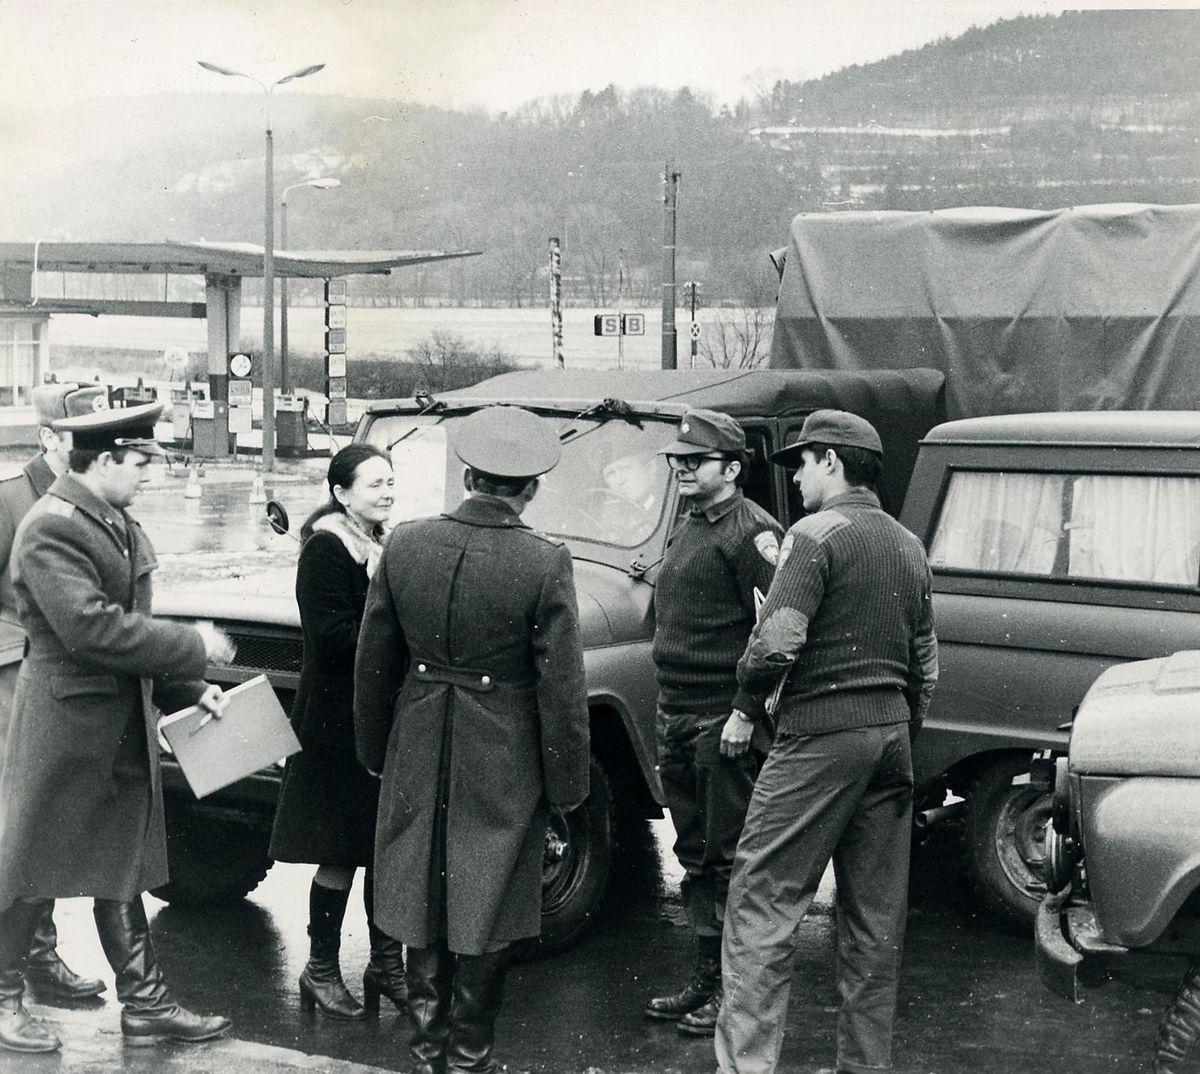 Blockade an einer Tankstelle bei Bad Salzungen: Zu sehen ind ein Major der NVA (verdeckt), sowjetische Offiziere, eine Übersetzerin sowie zwei amerikanische Militärangehörige.